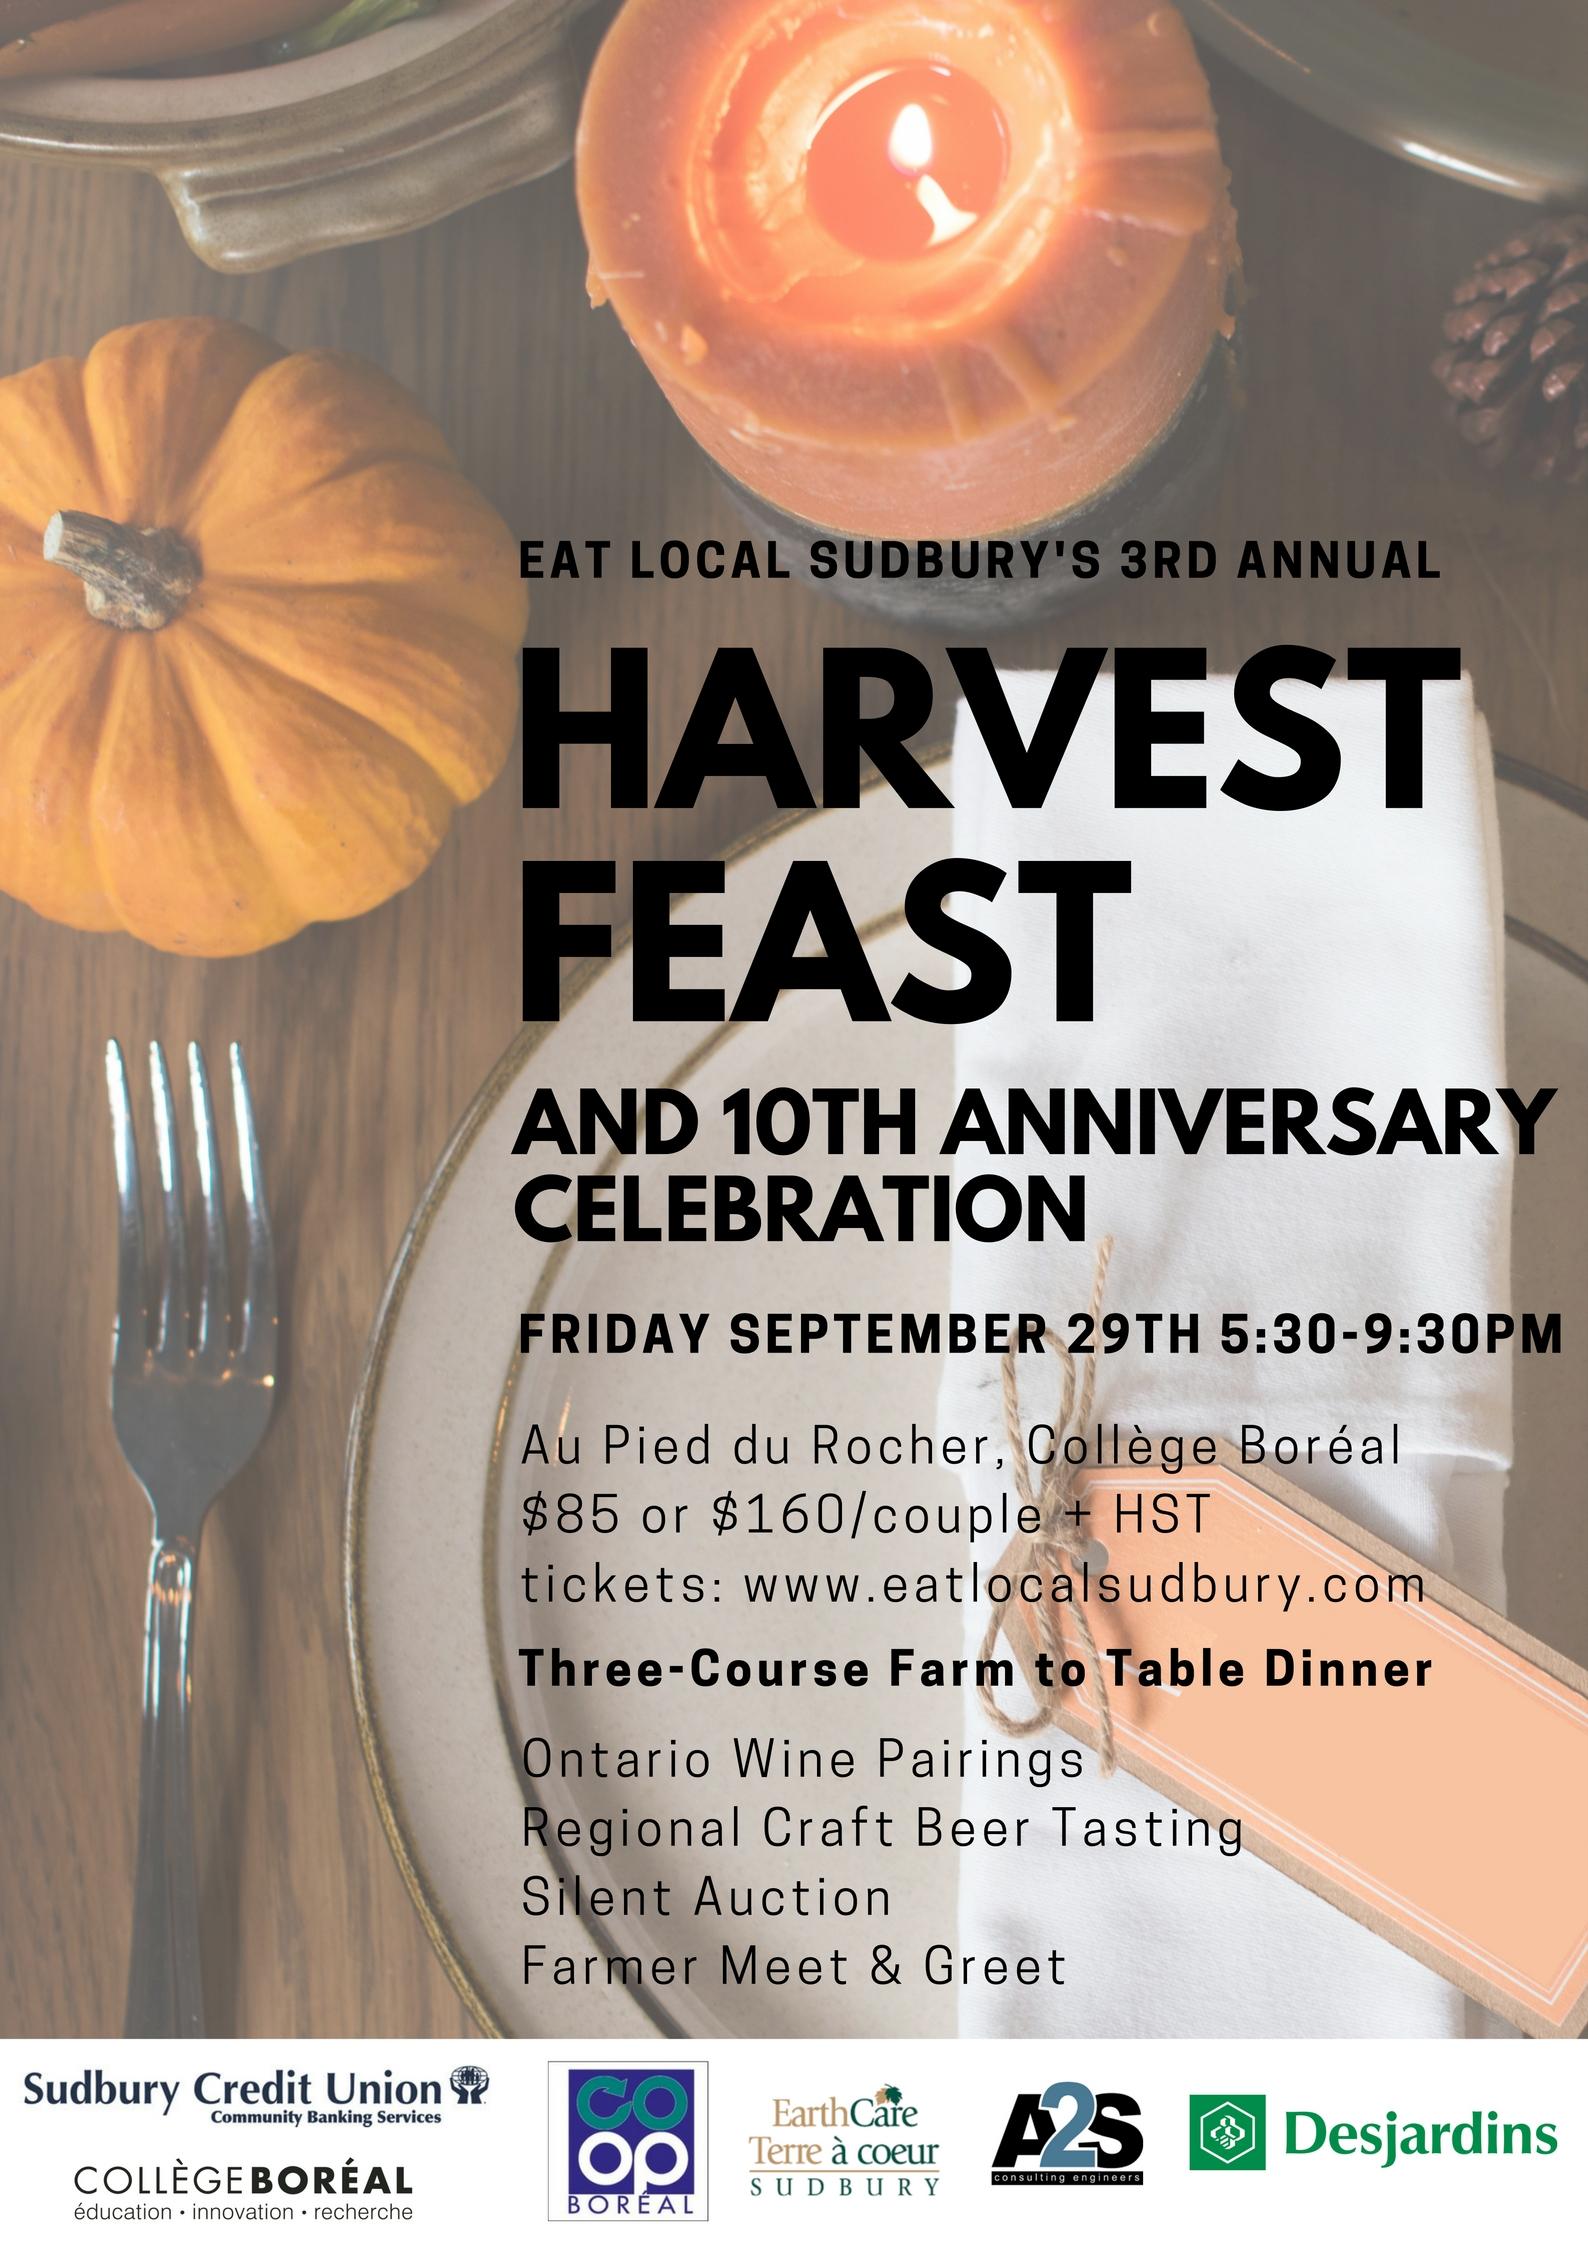 Harvest_Feast_2017_Poster.jpg